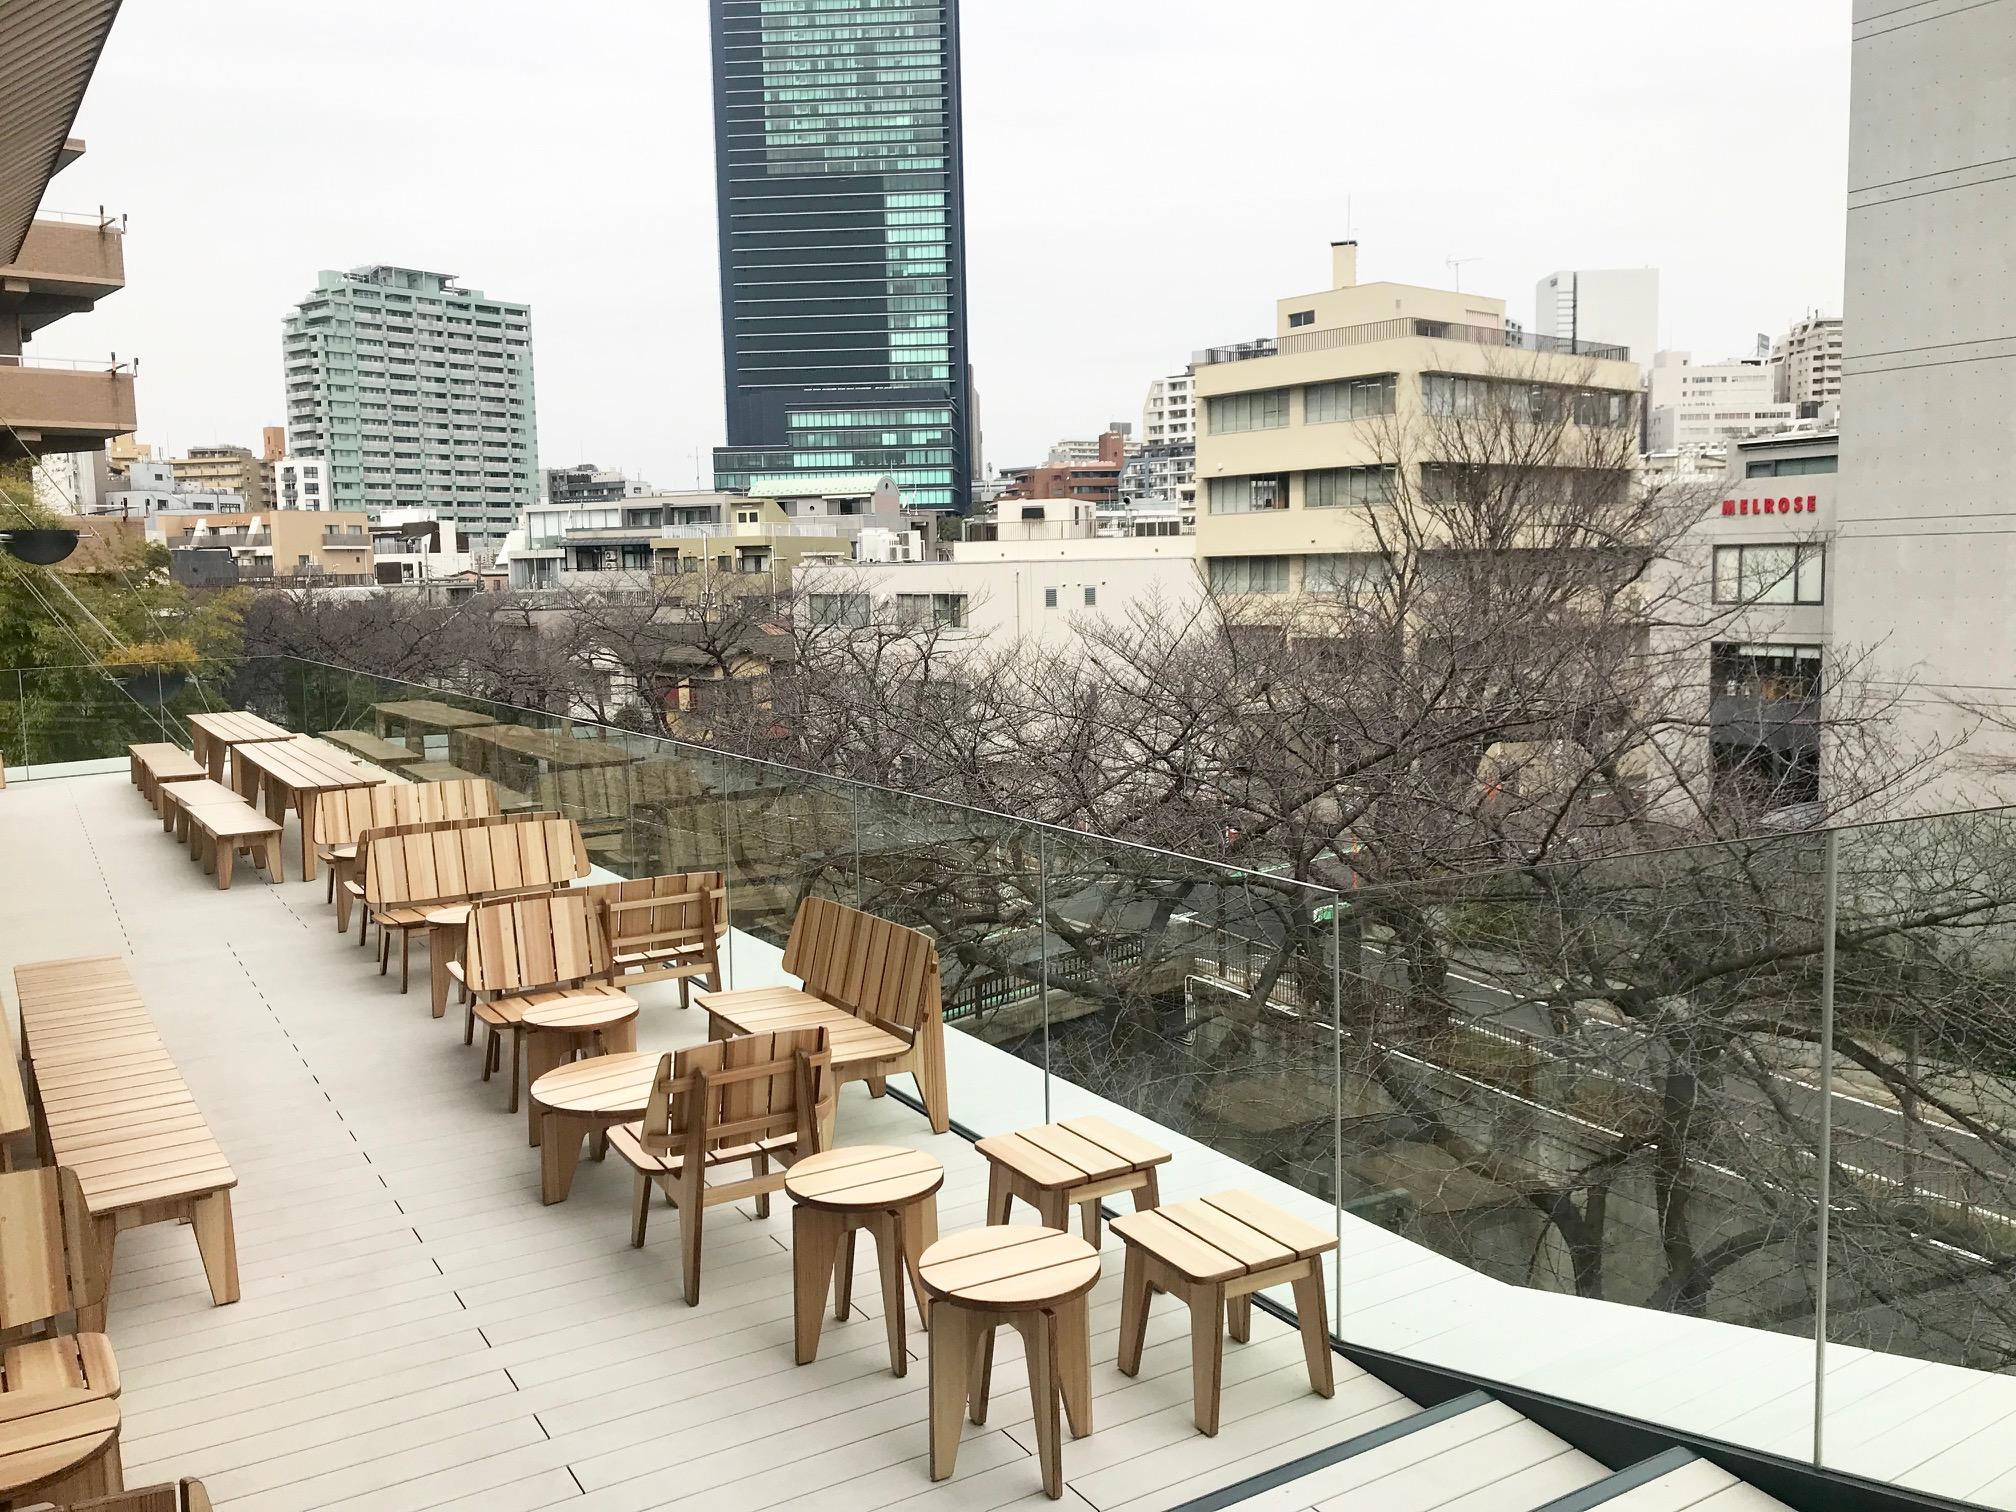 『スターバックス リザーブ ロースタリー 東京』 記事Photo Gallery_1_20